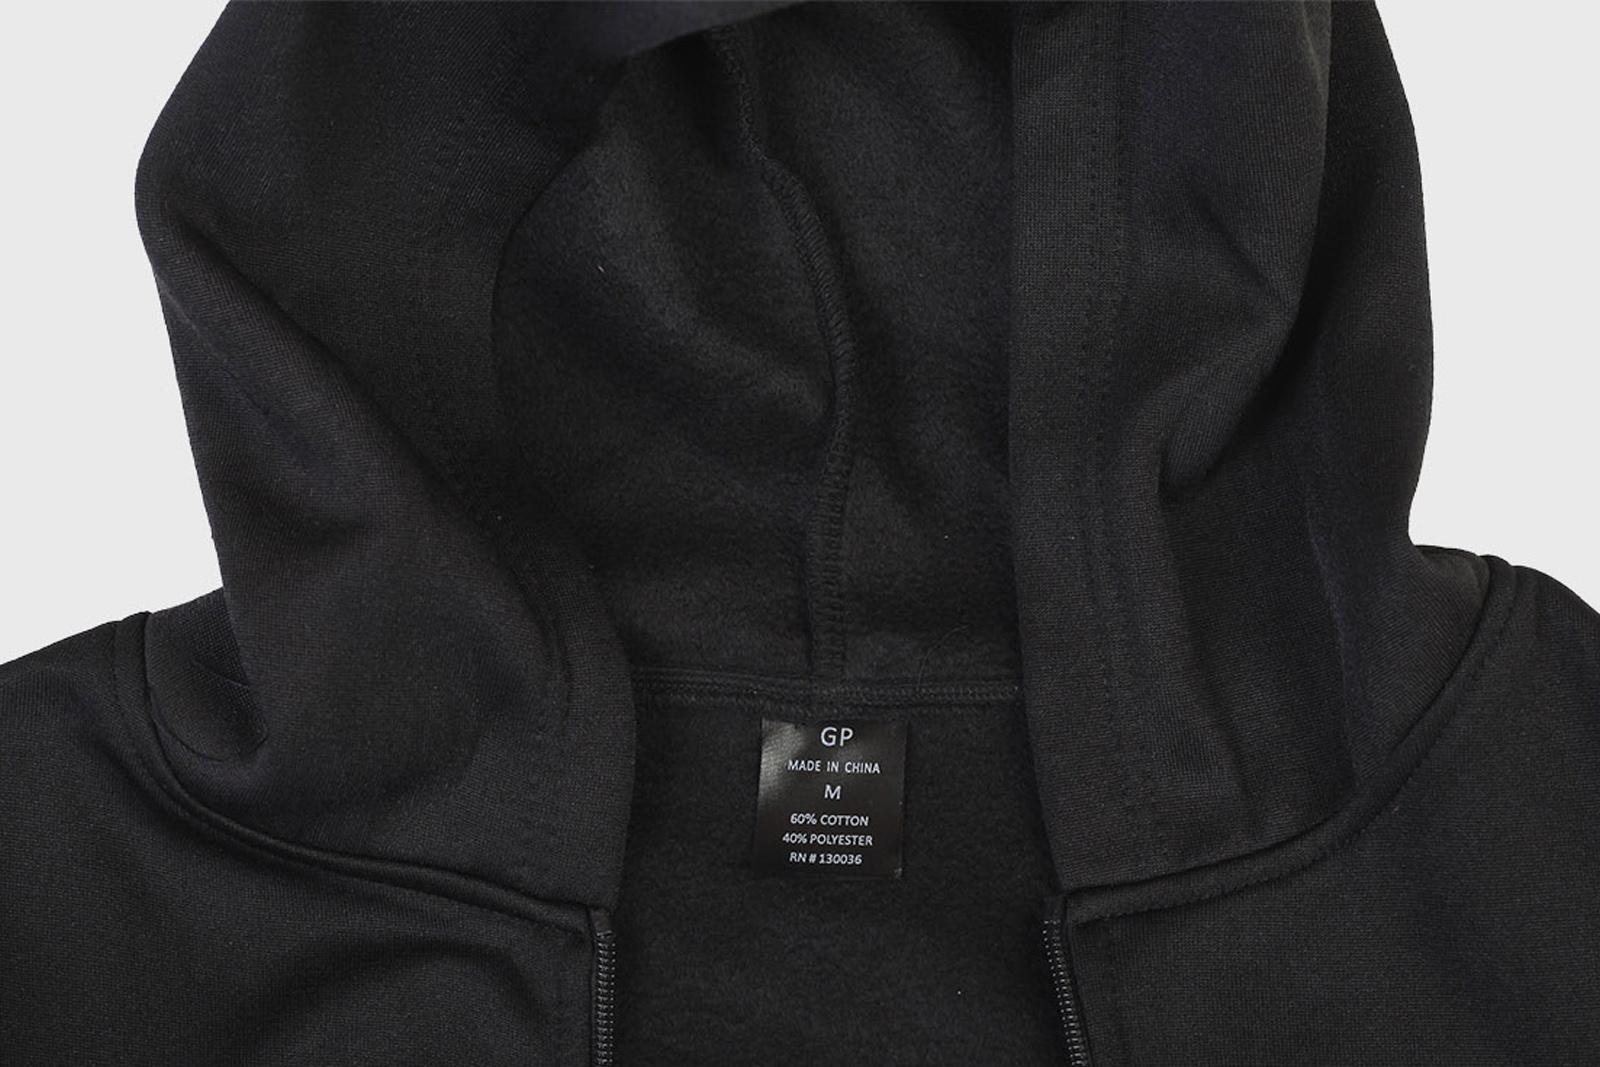 Плотная толстовка черного цвета с нашивкой Спецназа ГРУ купить по сбалансированной цене